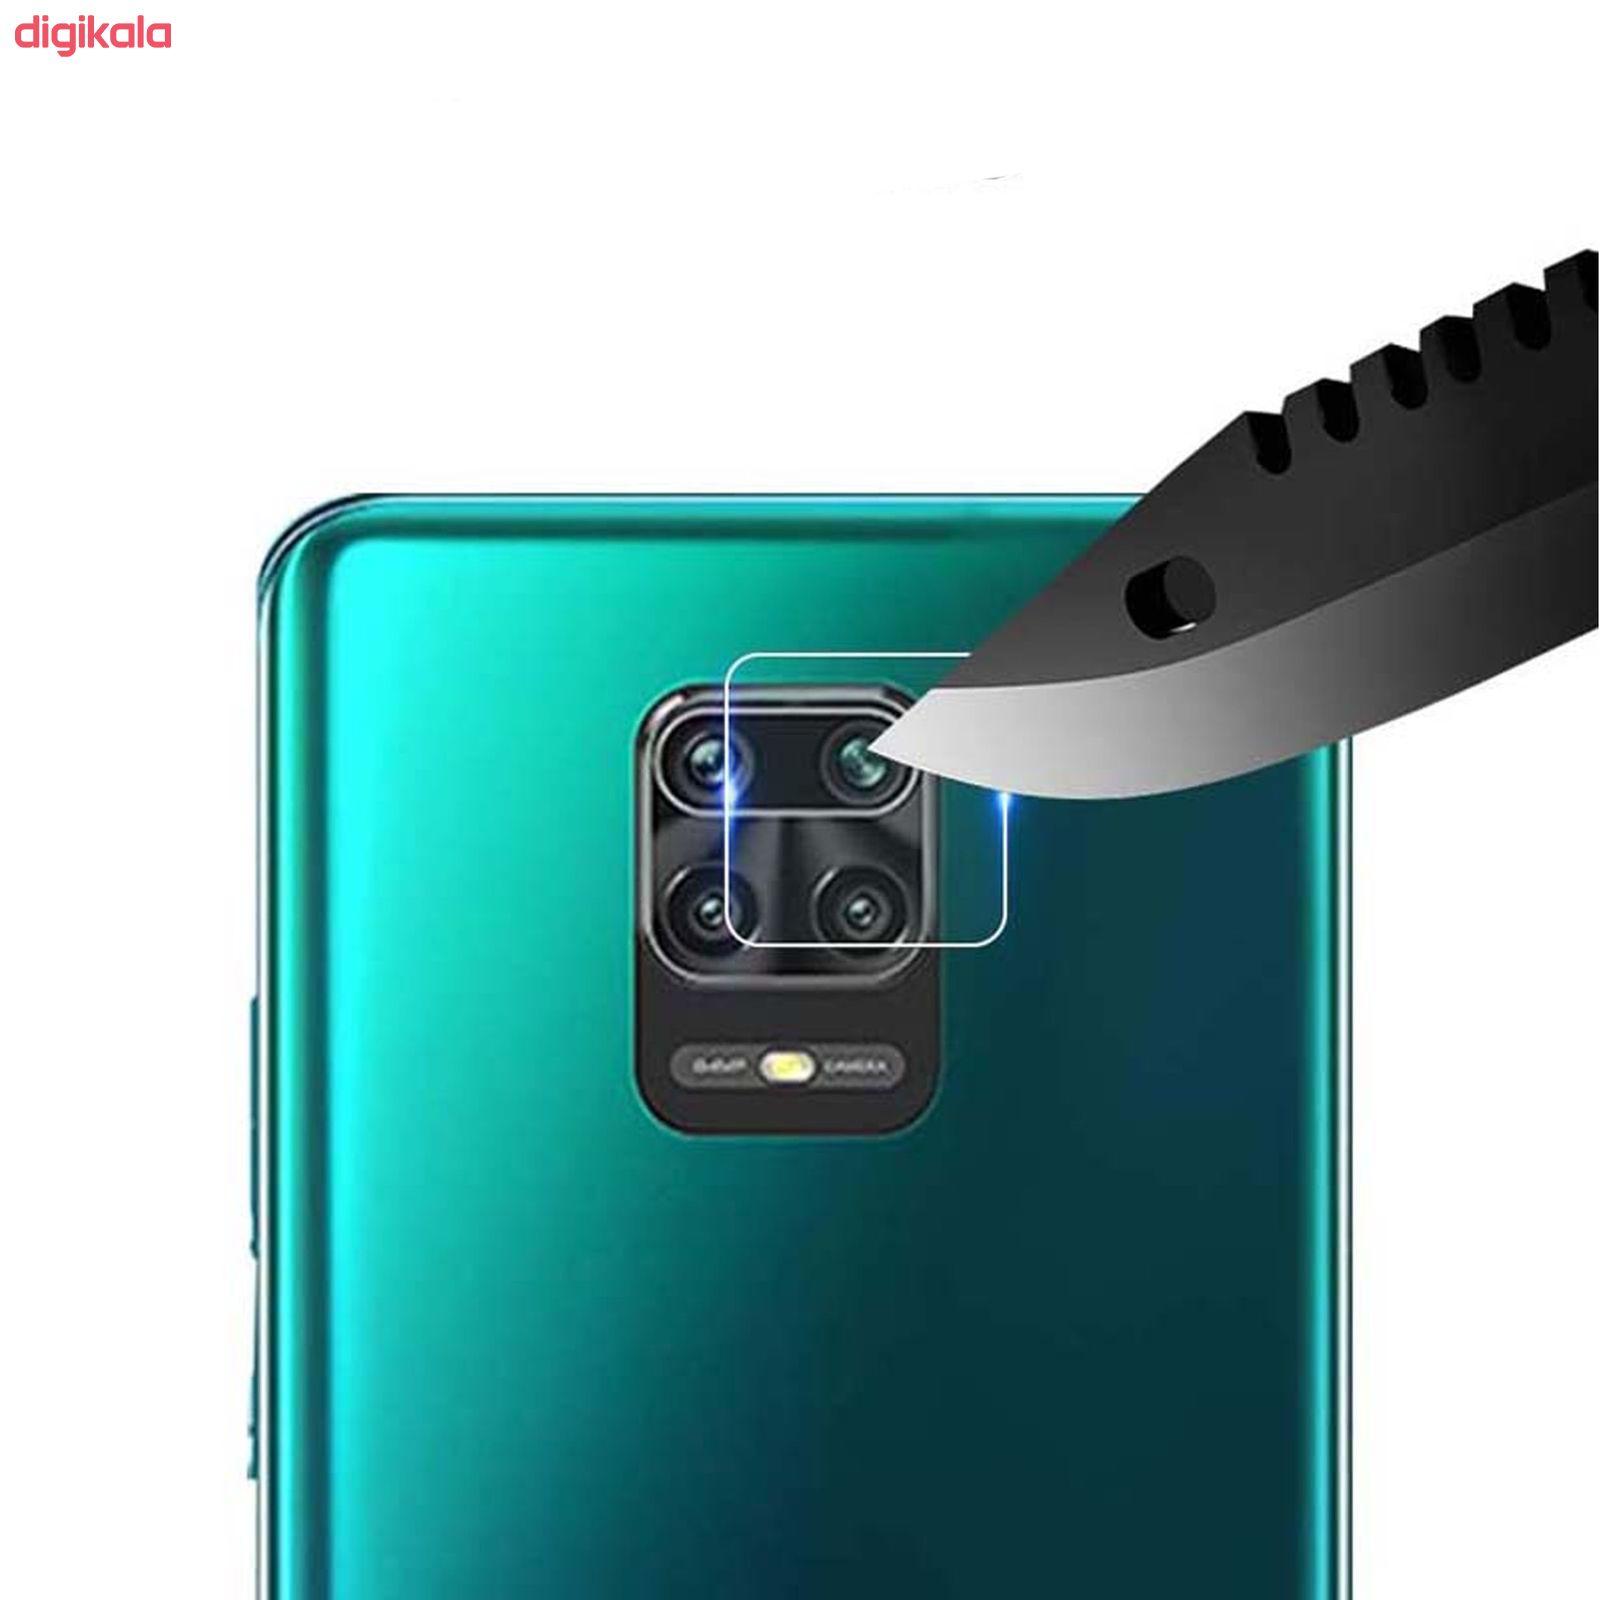 محافظ لنز دوربین گوف مدل SDG-002 مناسب برای گوشی موبایل شیائومی Redmi Note 9 Pro / Pro Max main 1 1